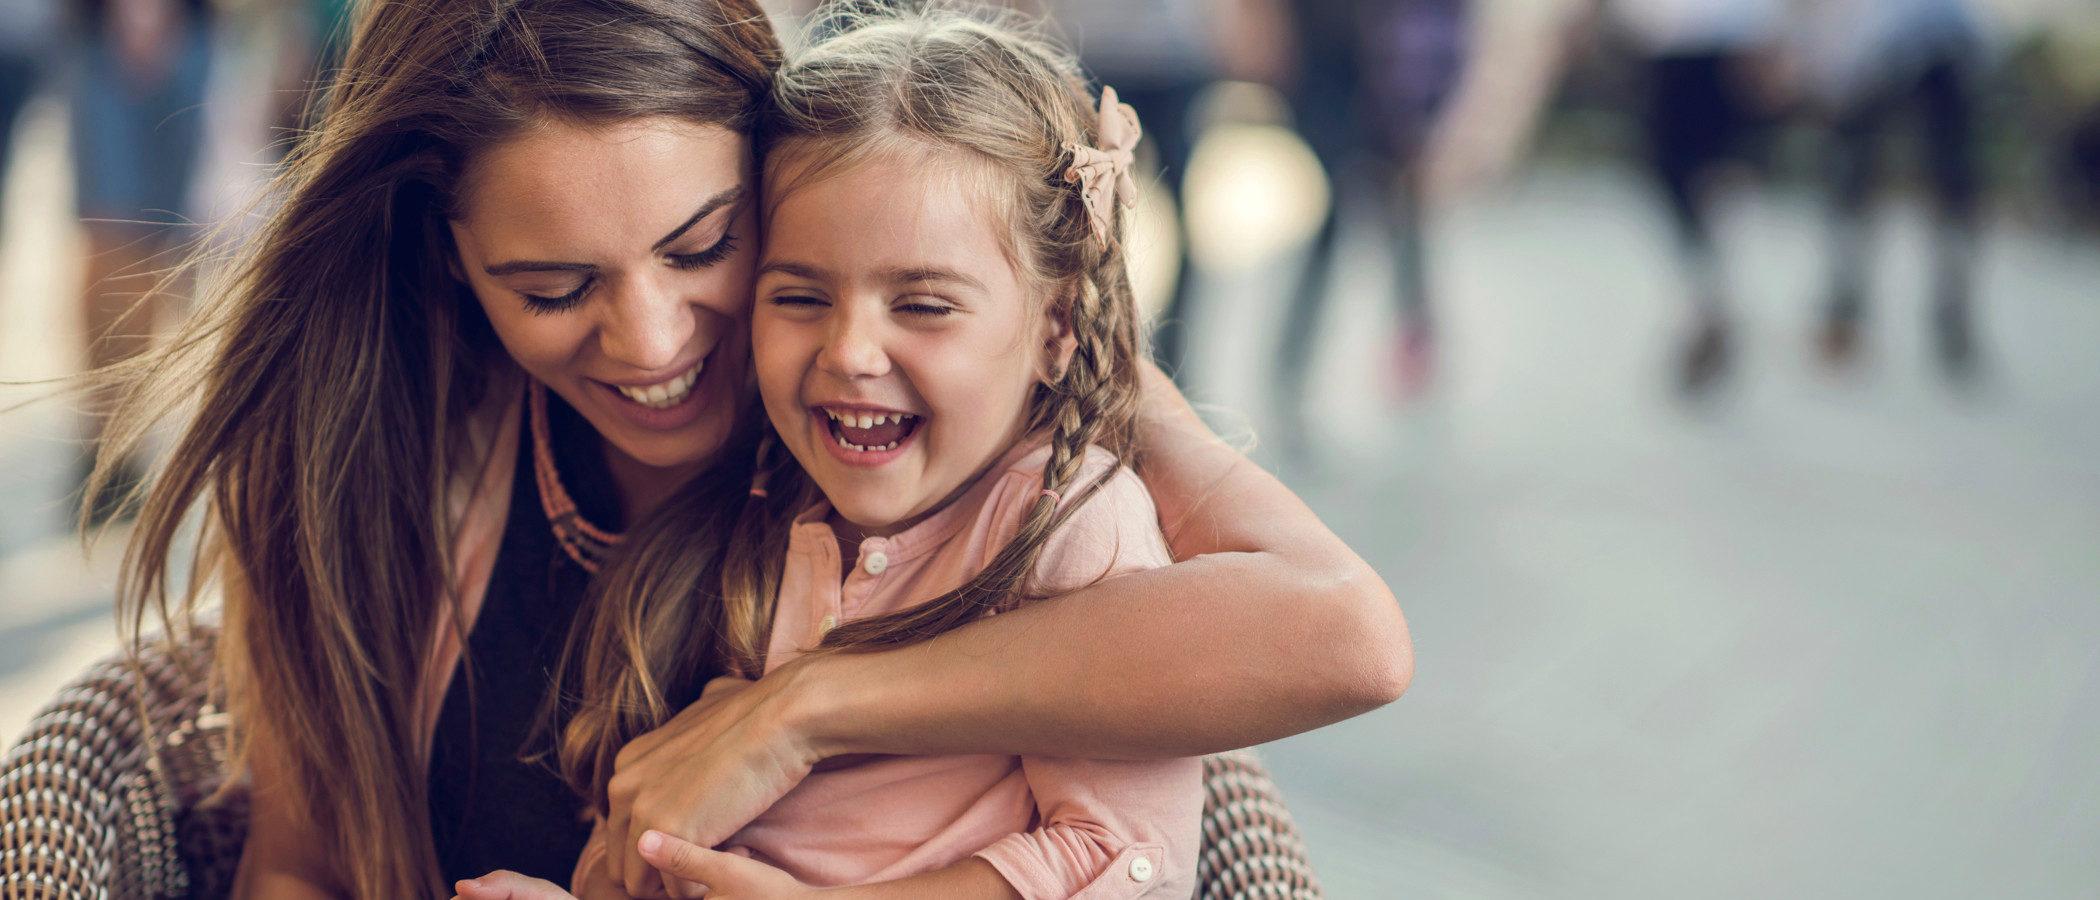 Frases bonitas para dedicar a tus hijos pequeños